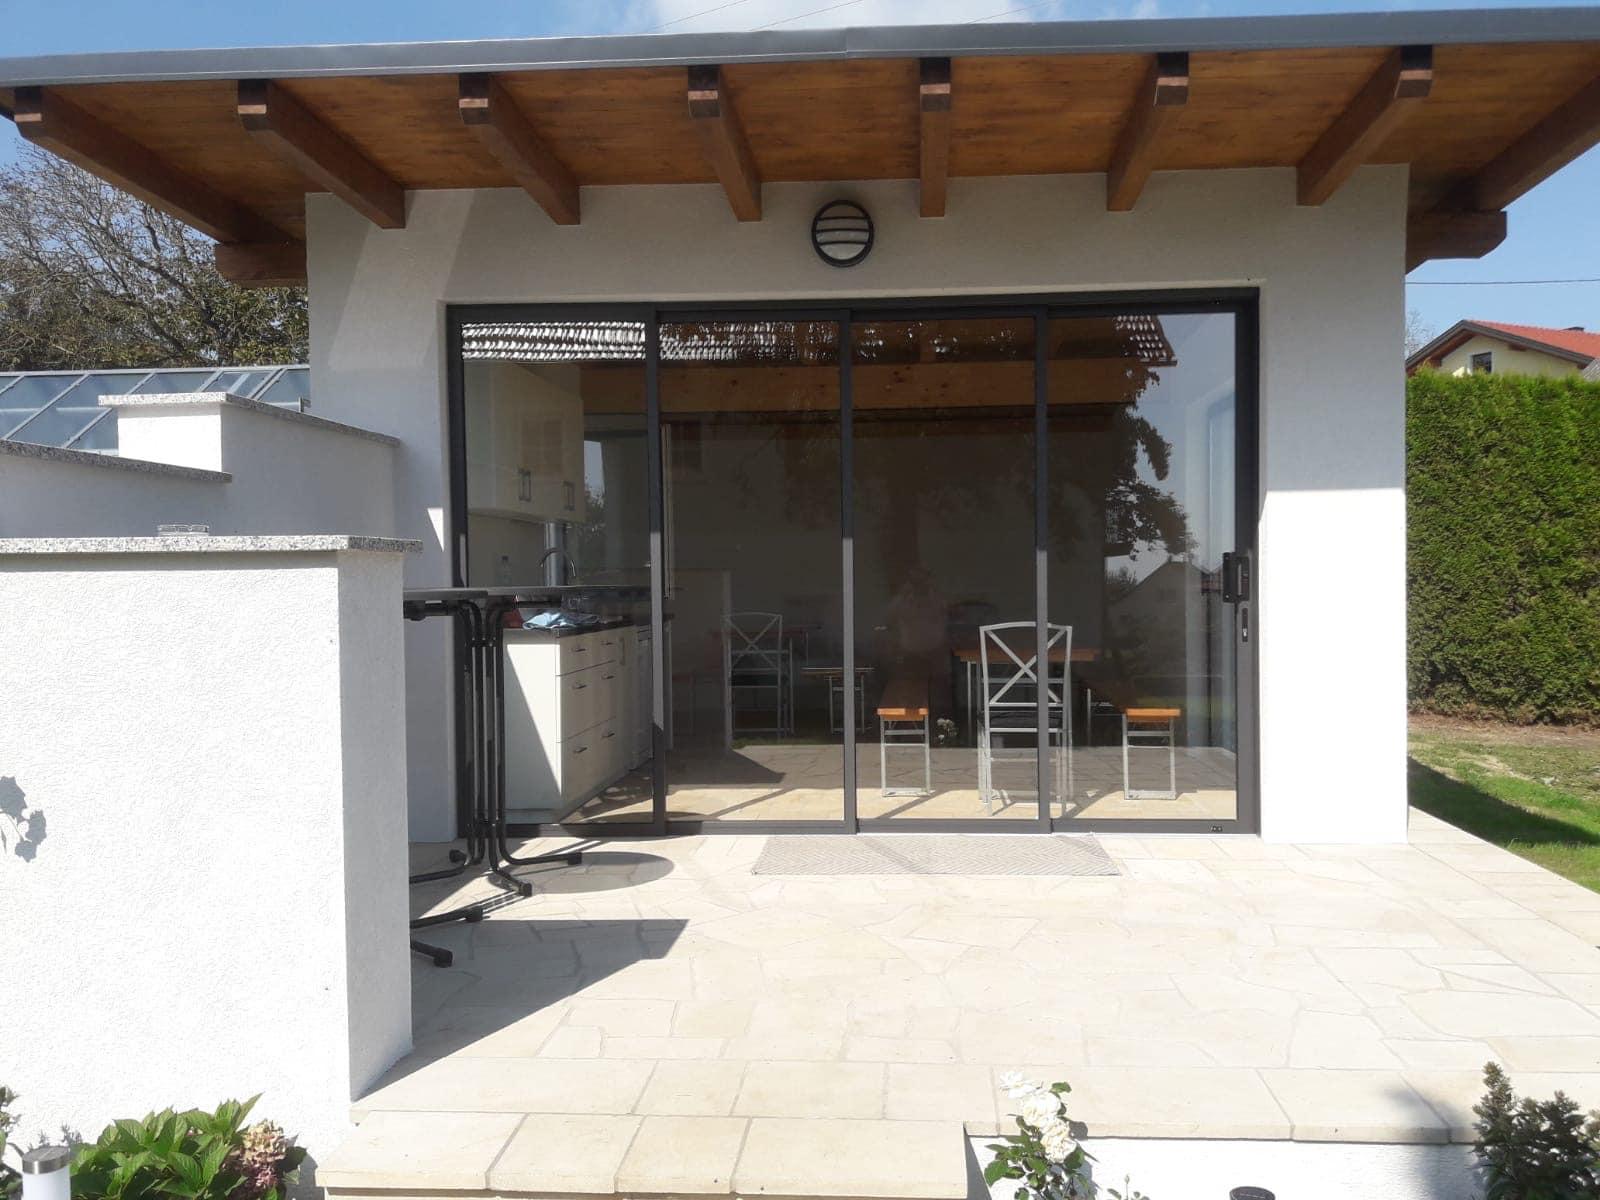 Gartenhaus Pultdach modern mit Schiebetür